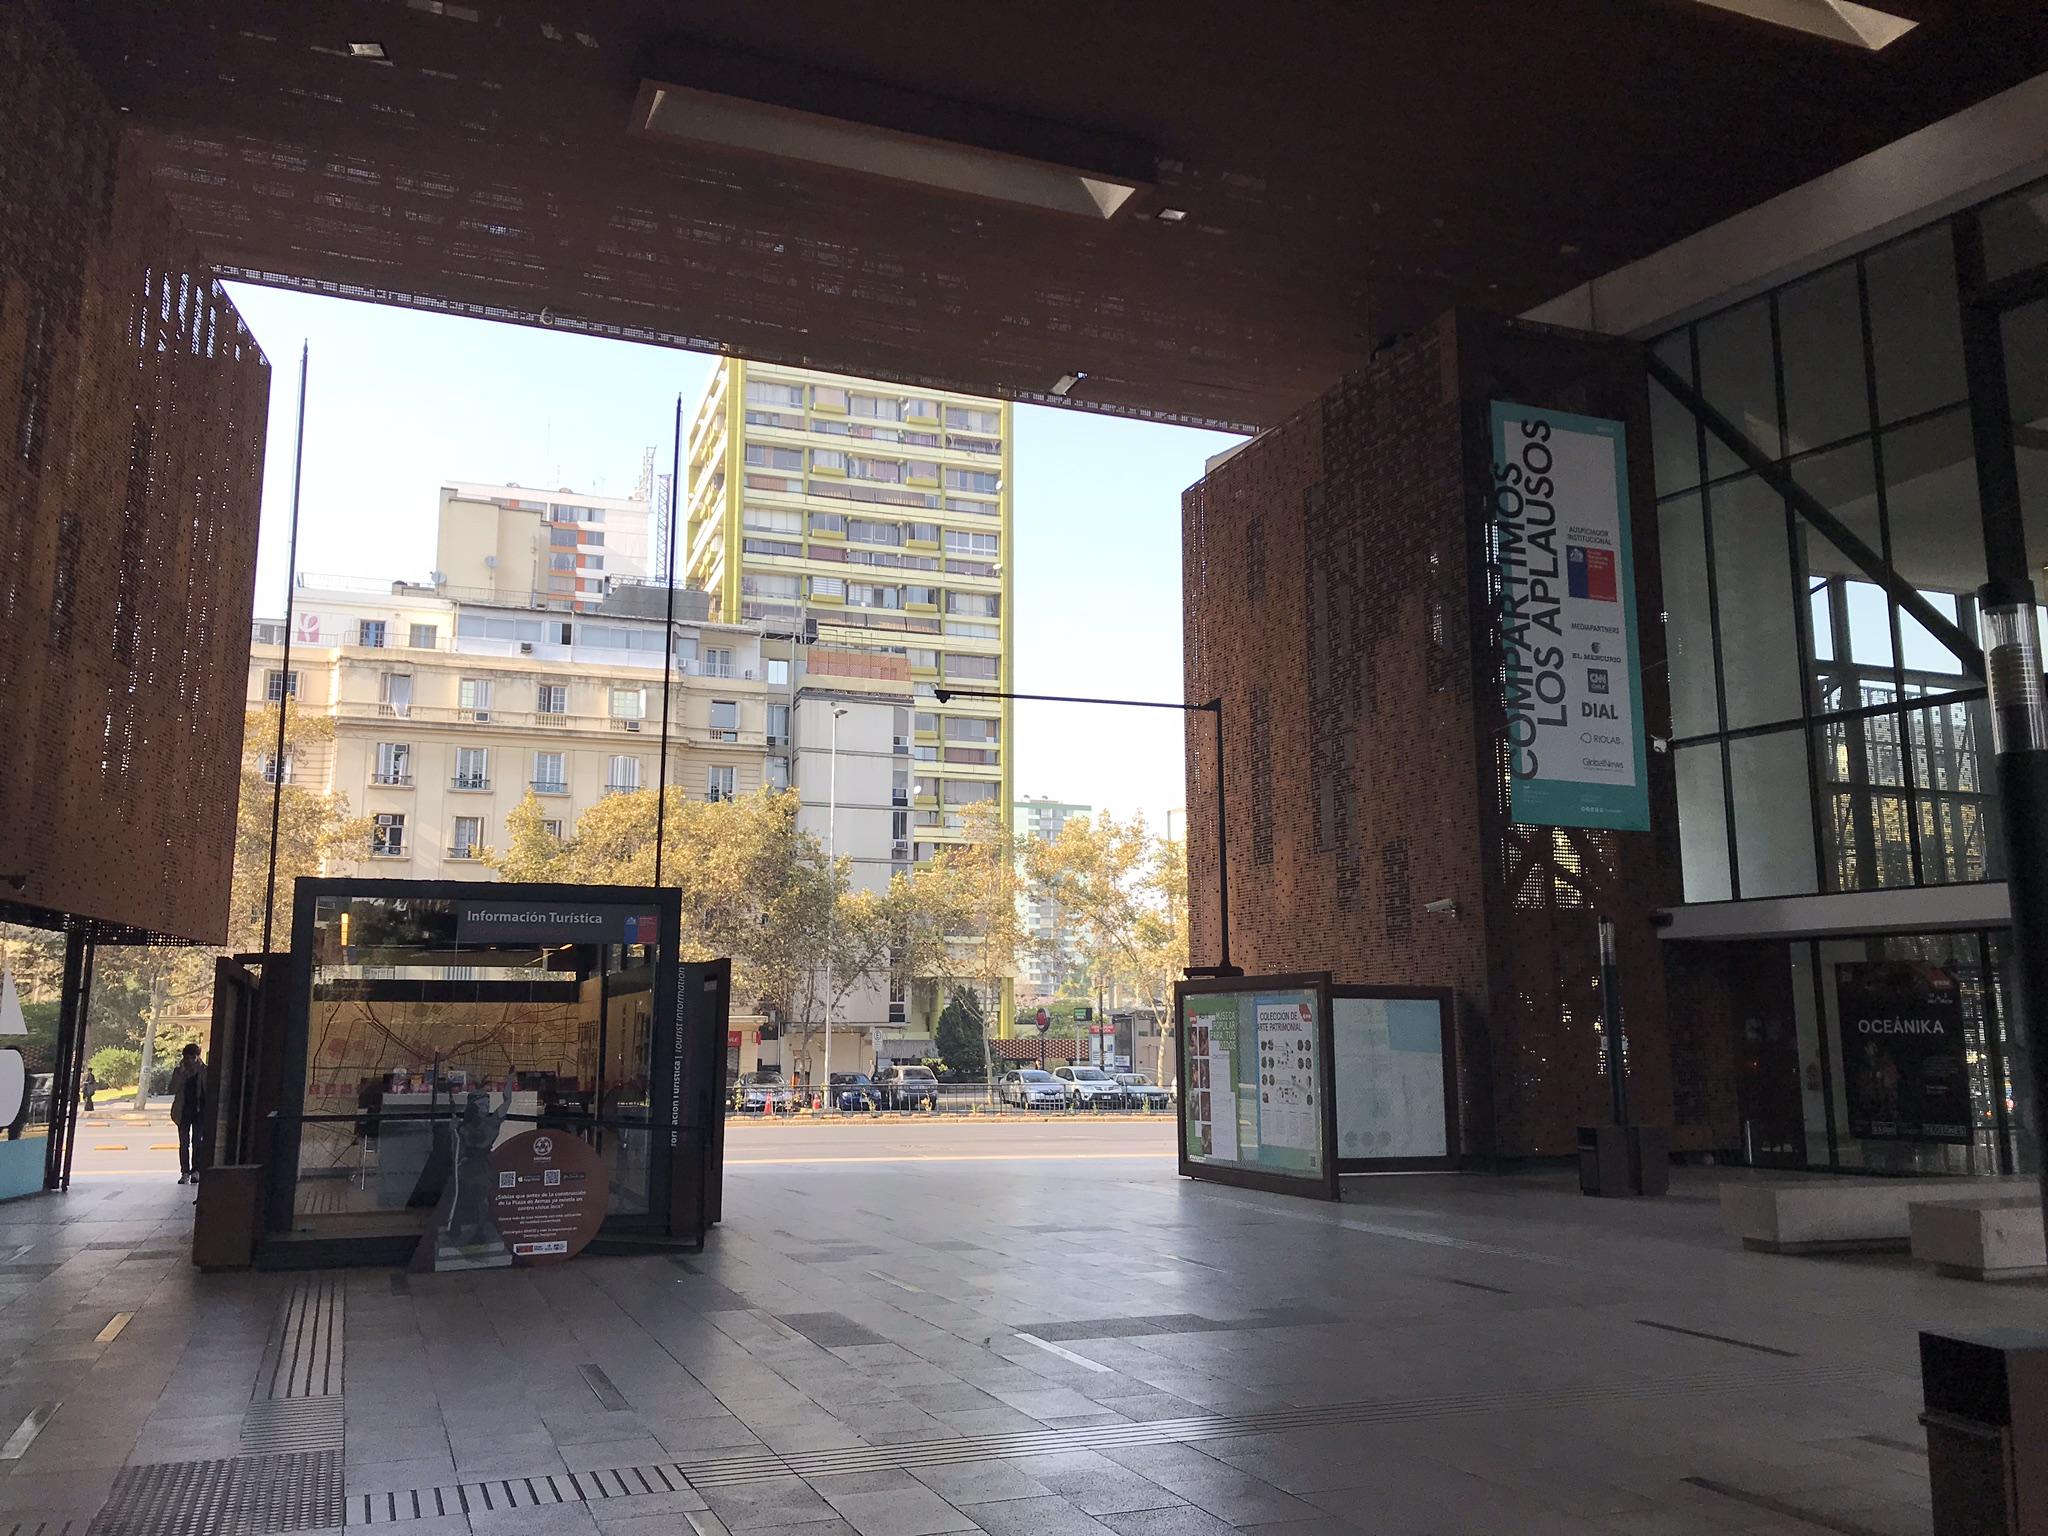 Centro Cultural GAM   Mi blog de aventuras   2018